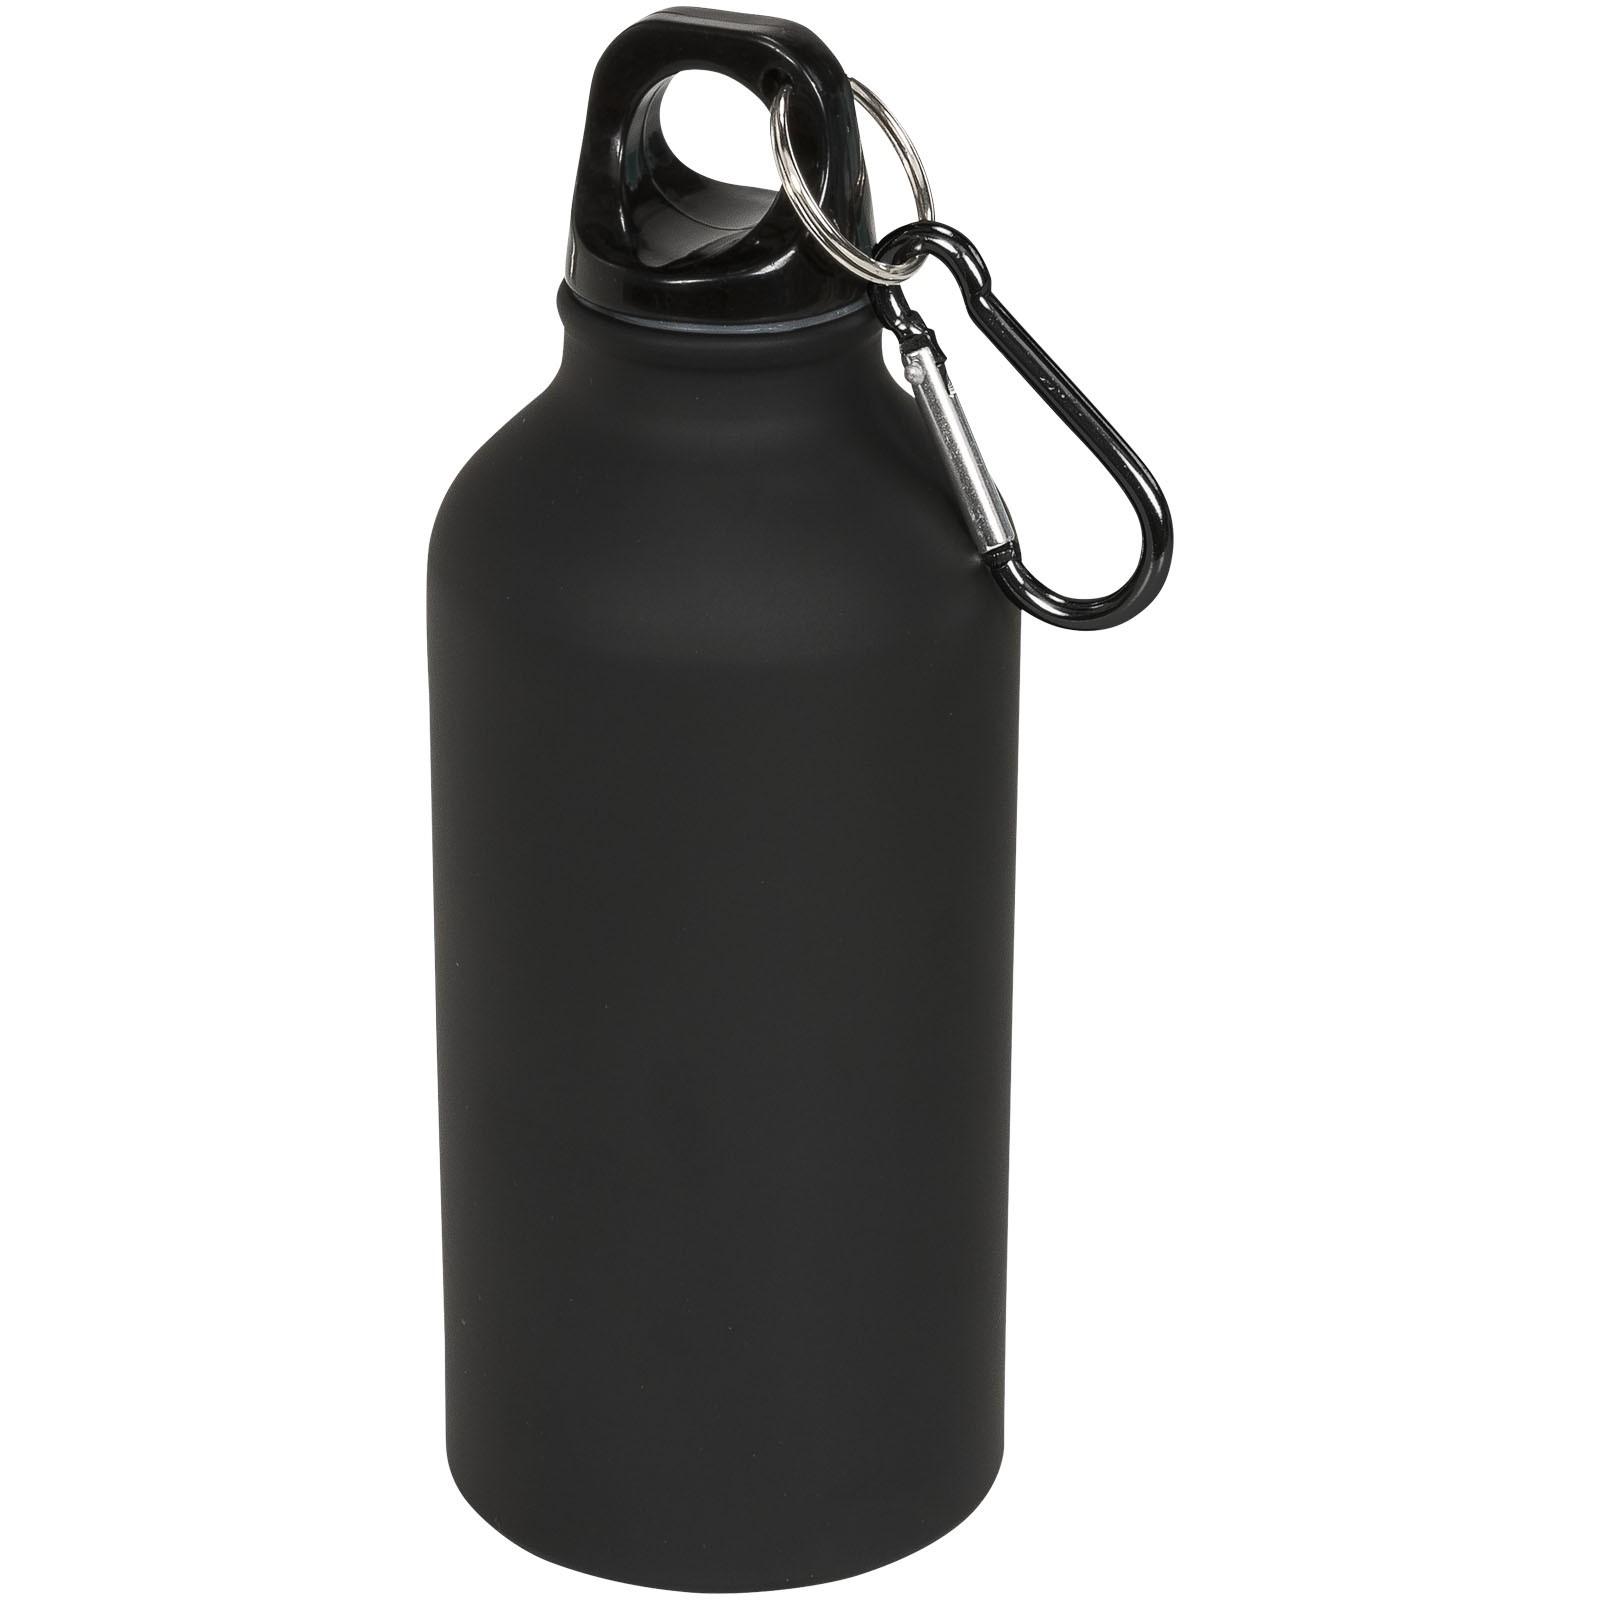 Matová sportovní láhev Oregon 400 ml s karabinkou - Černá